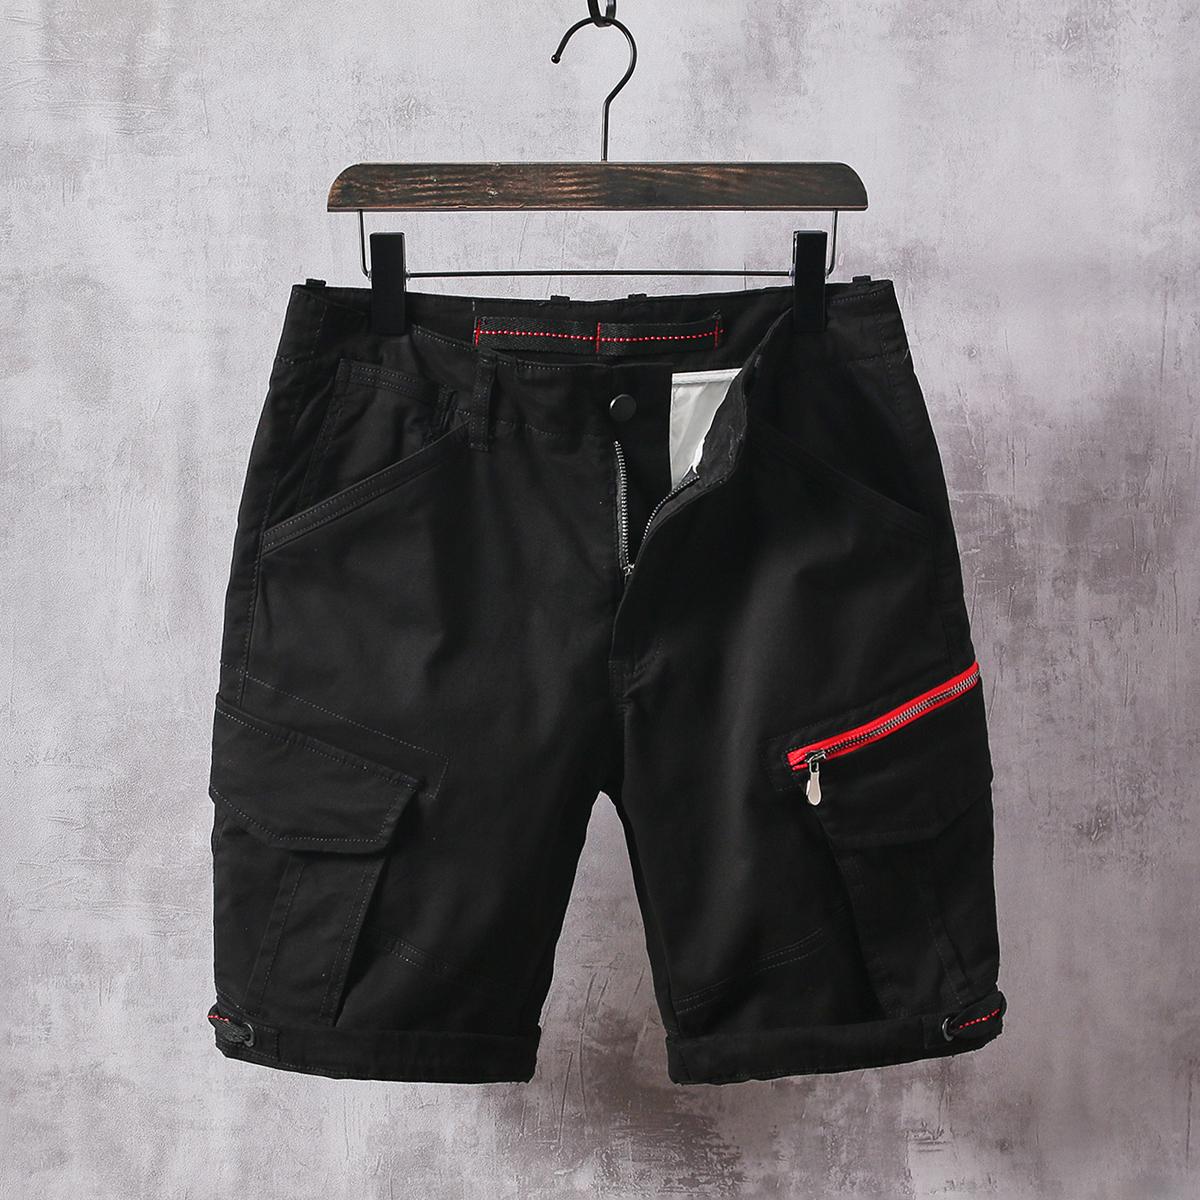 夏季纯棉工装短裤男宽松多袋休闲裤子潮牌ins五分裤复古运动中裤